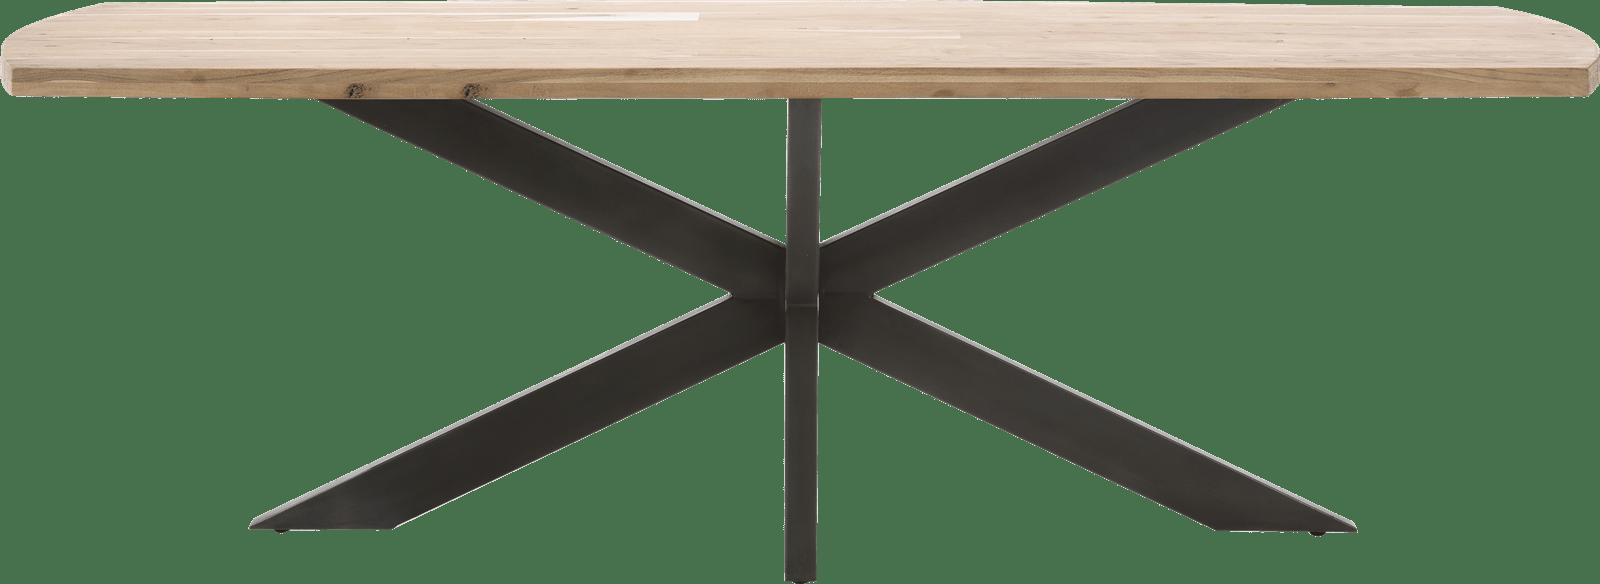 Perigu - table 250 x 105 cm